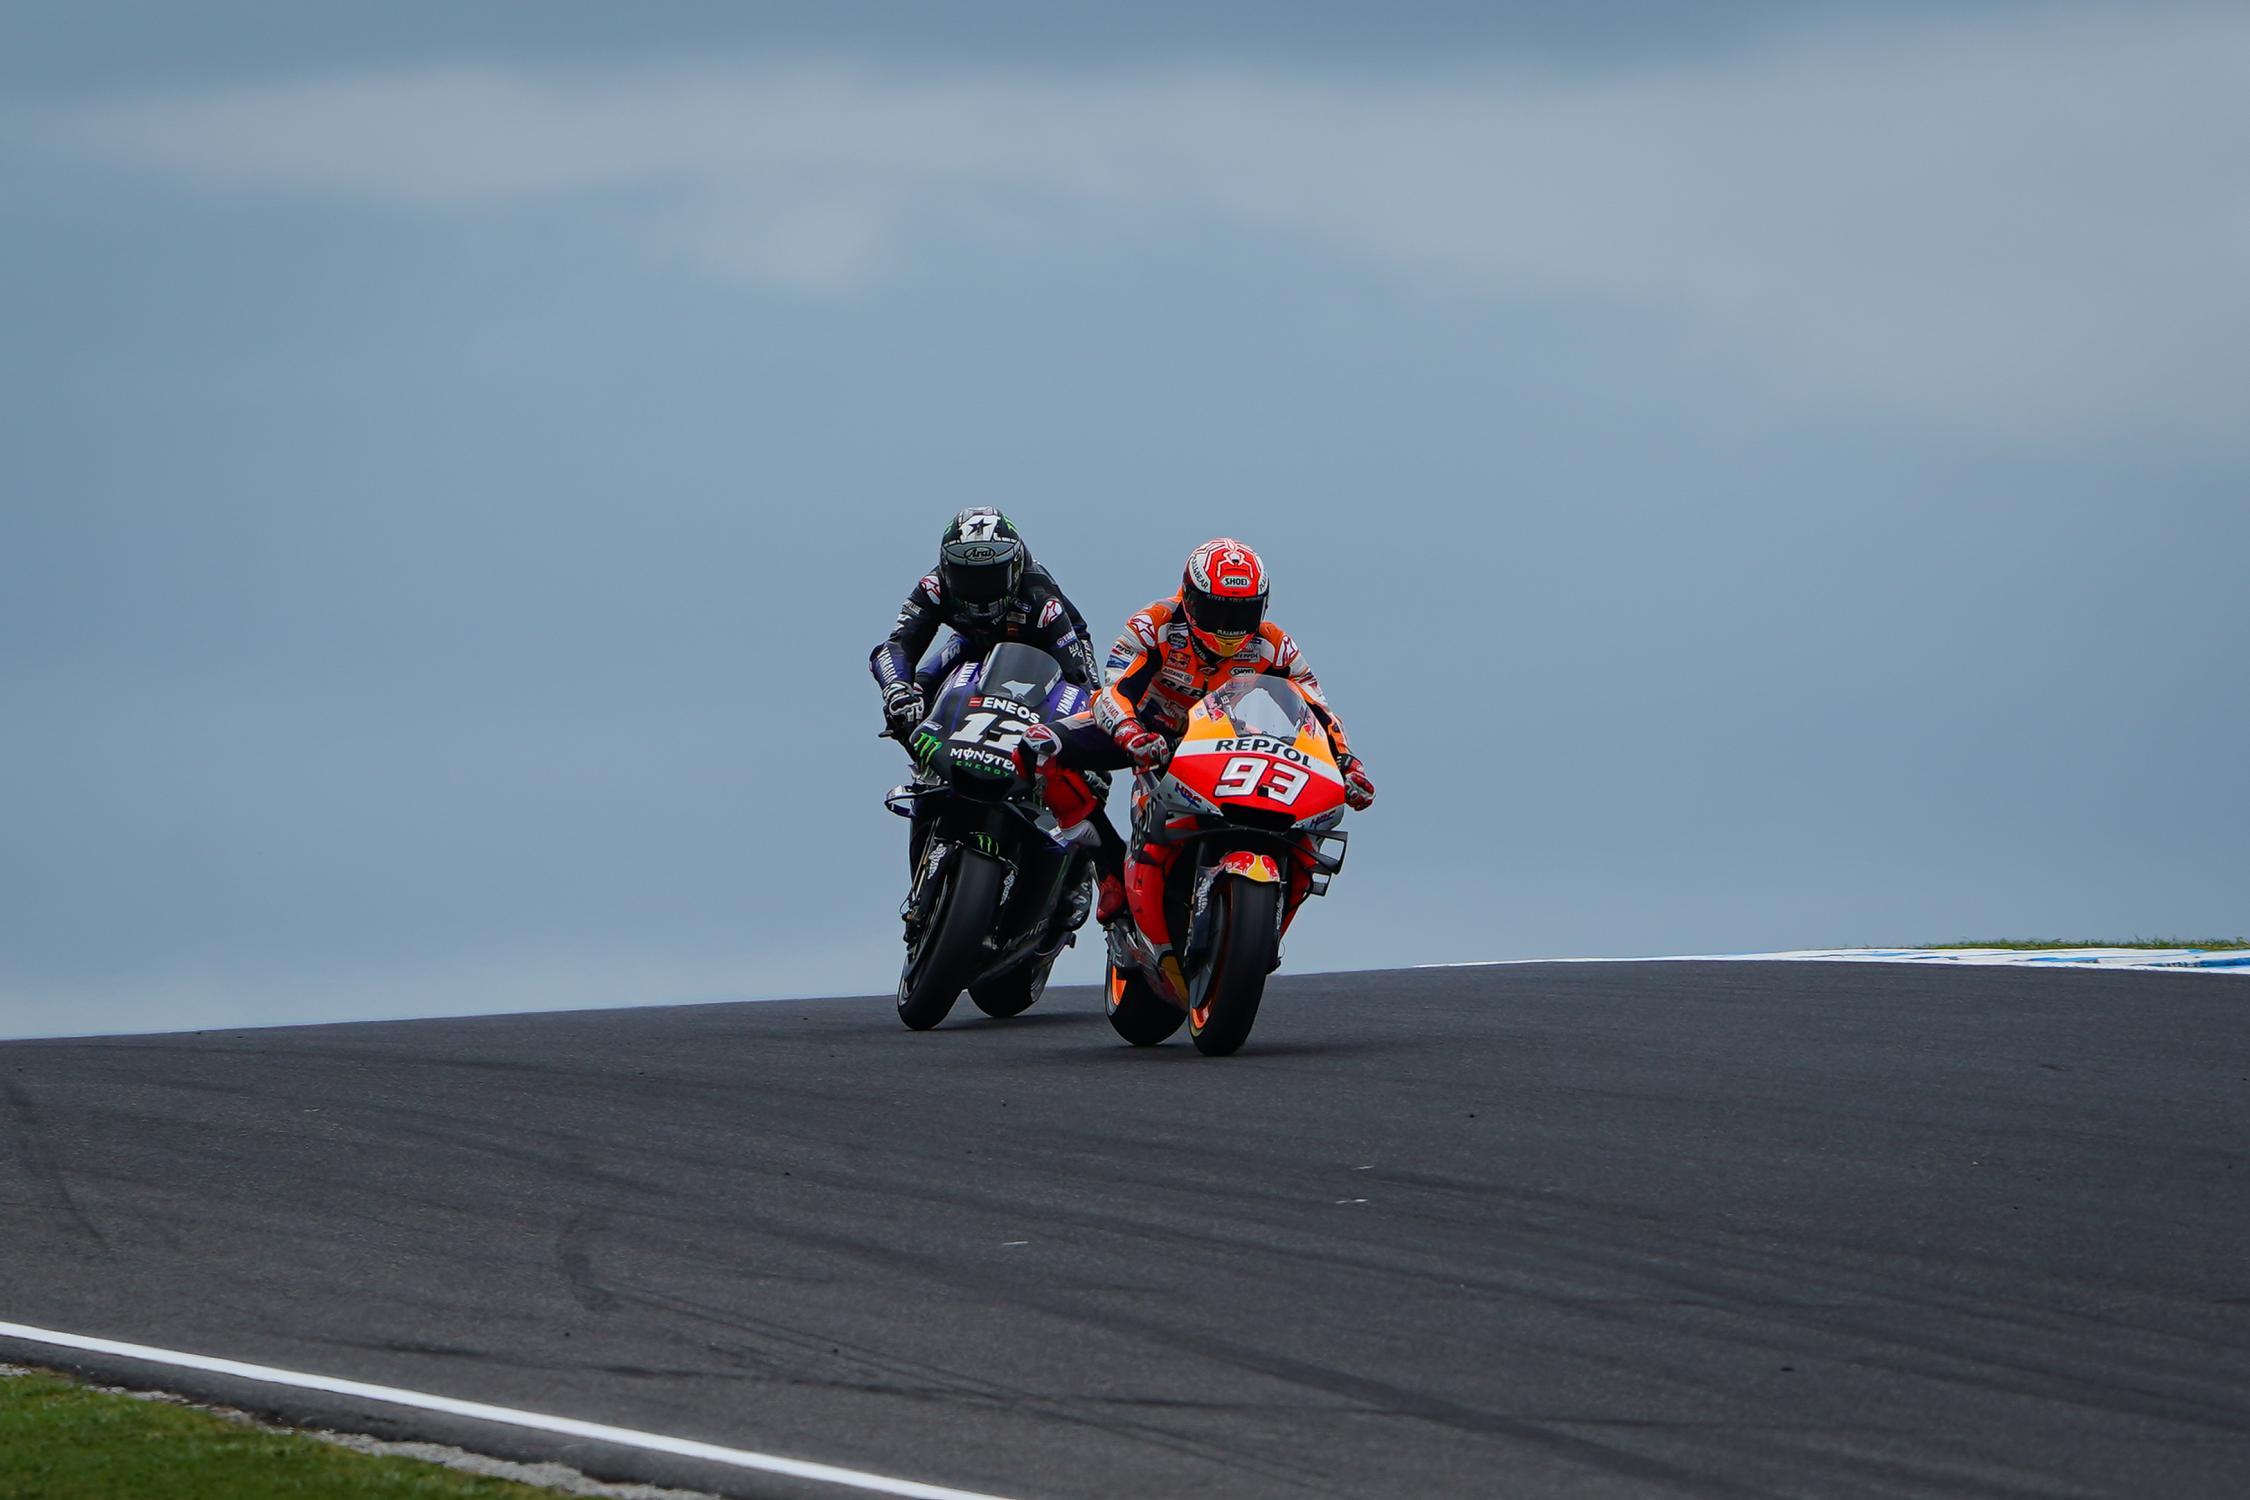 MotoGP: Gp d'Austrialia cancellato, quello dell'Algarve prenderà il suo posto.